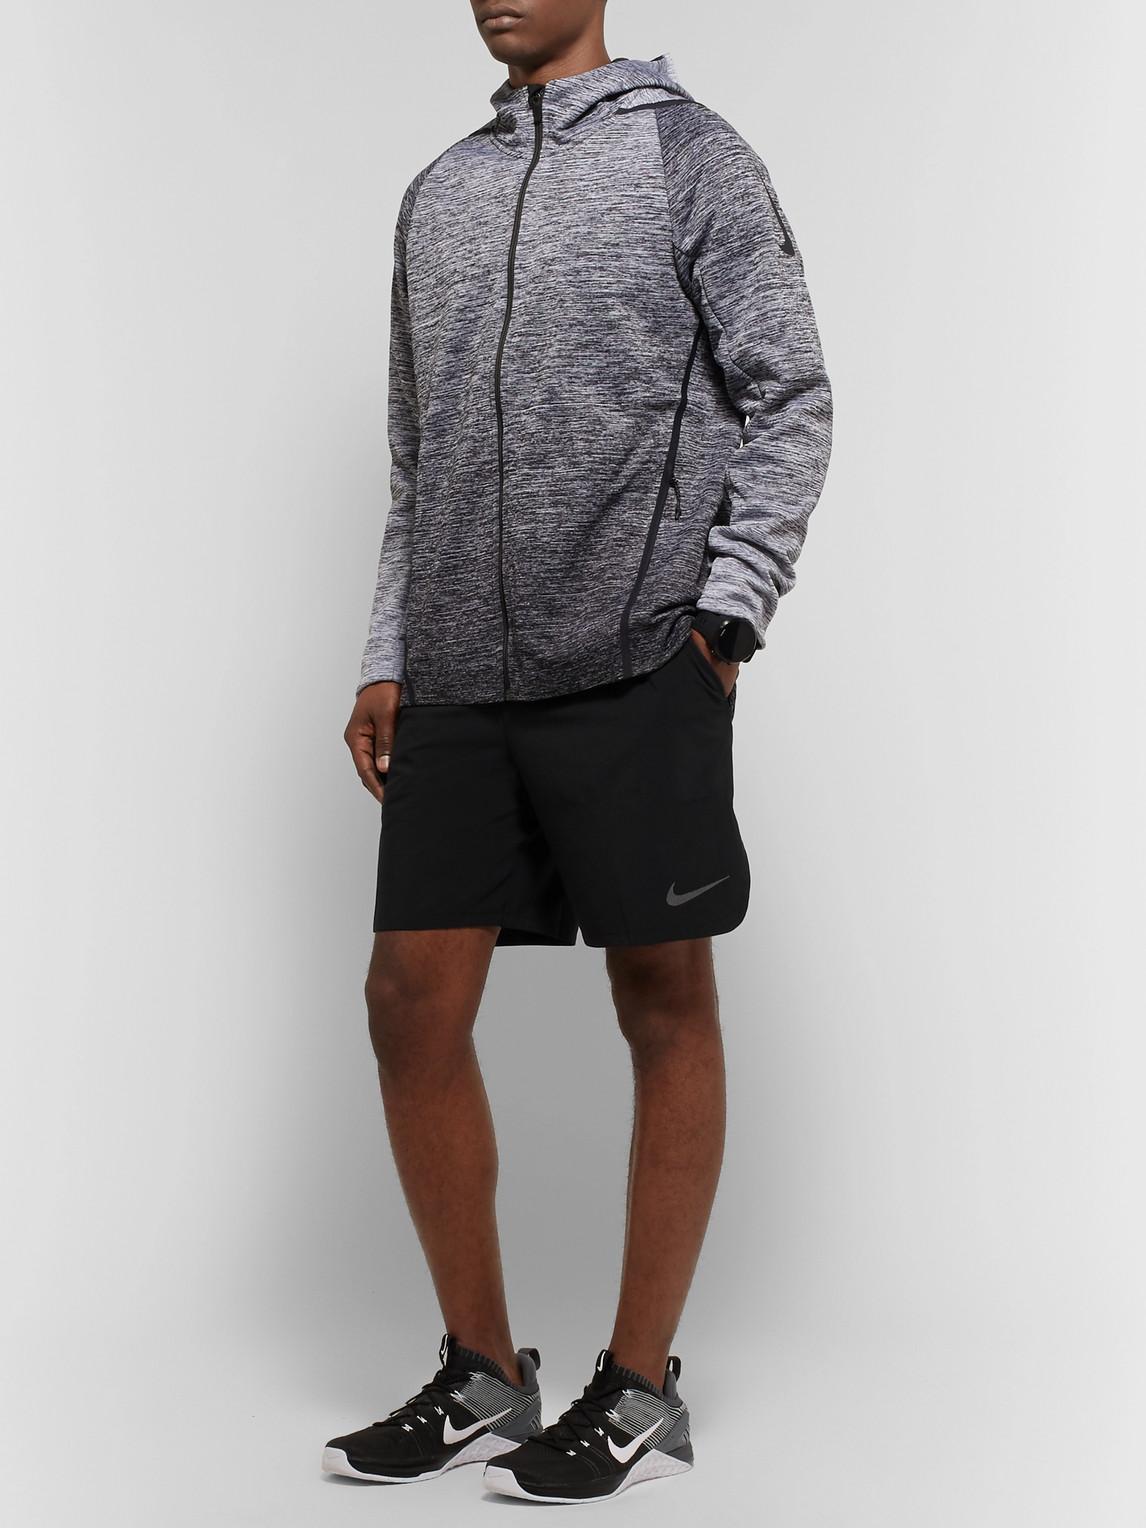 Nike Tops FLEX 2.0 DRI